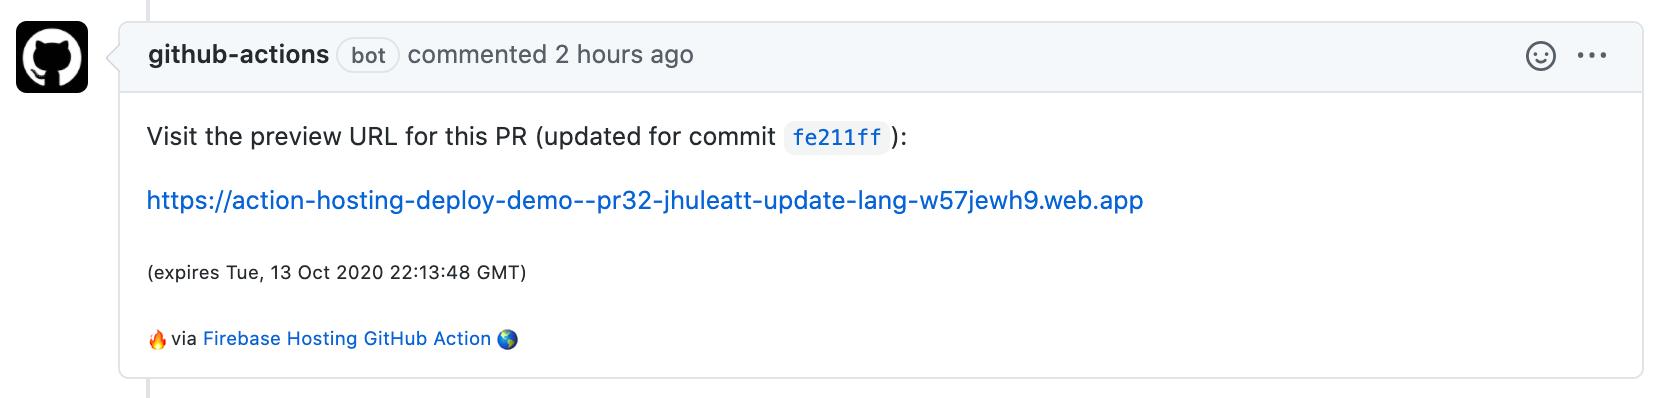 Bild von GitHub Action PR-Kommentar mit Vorschau-URL